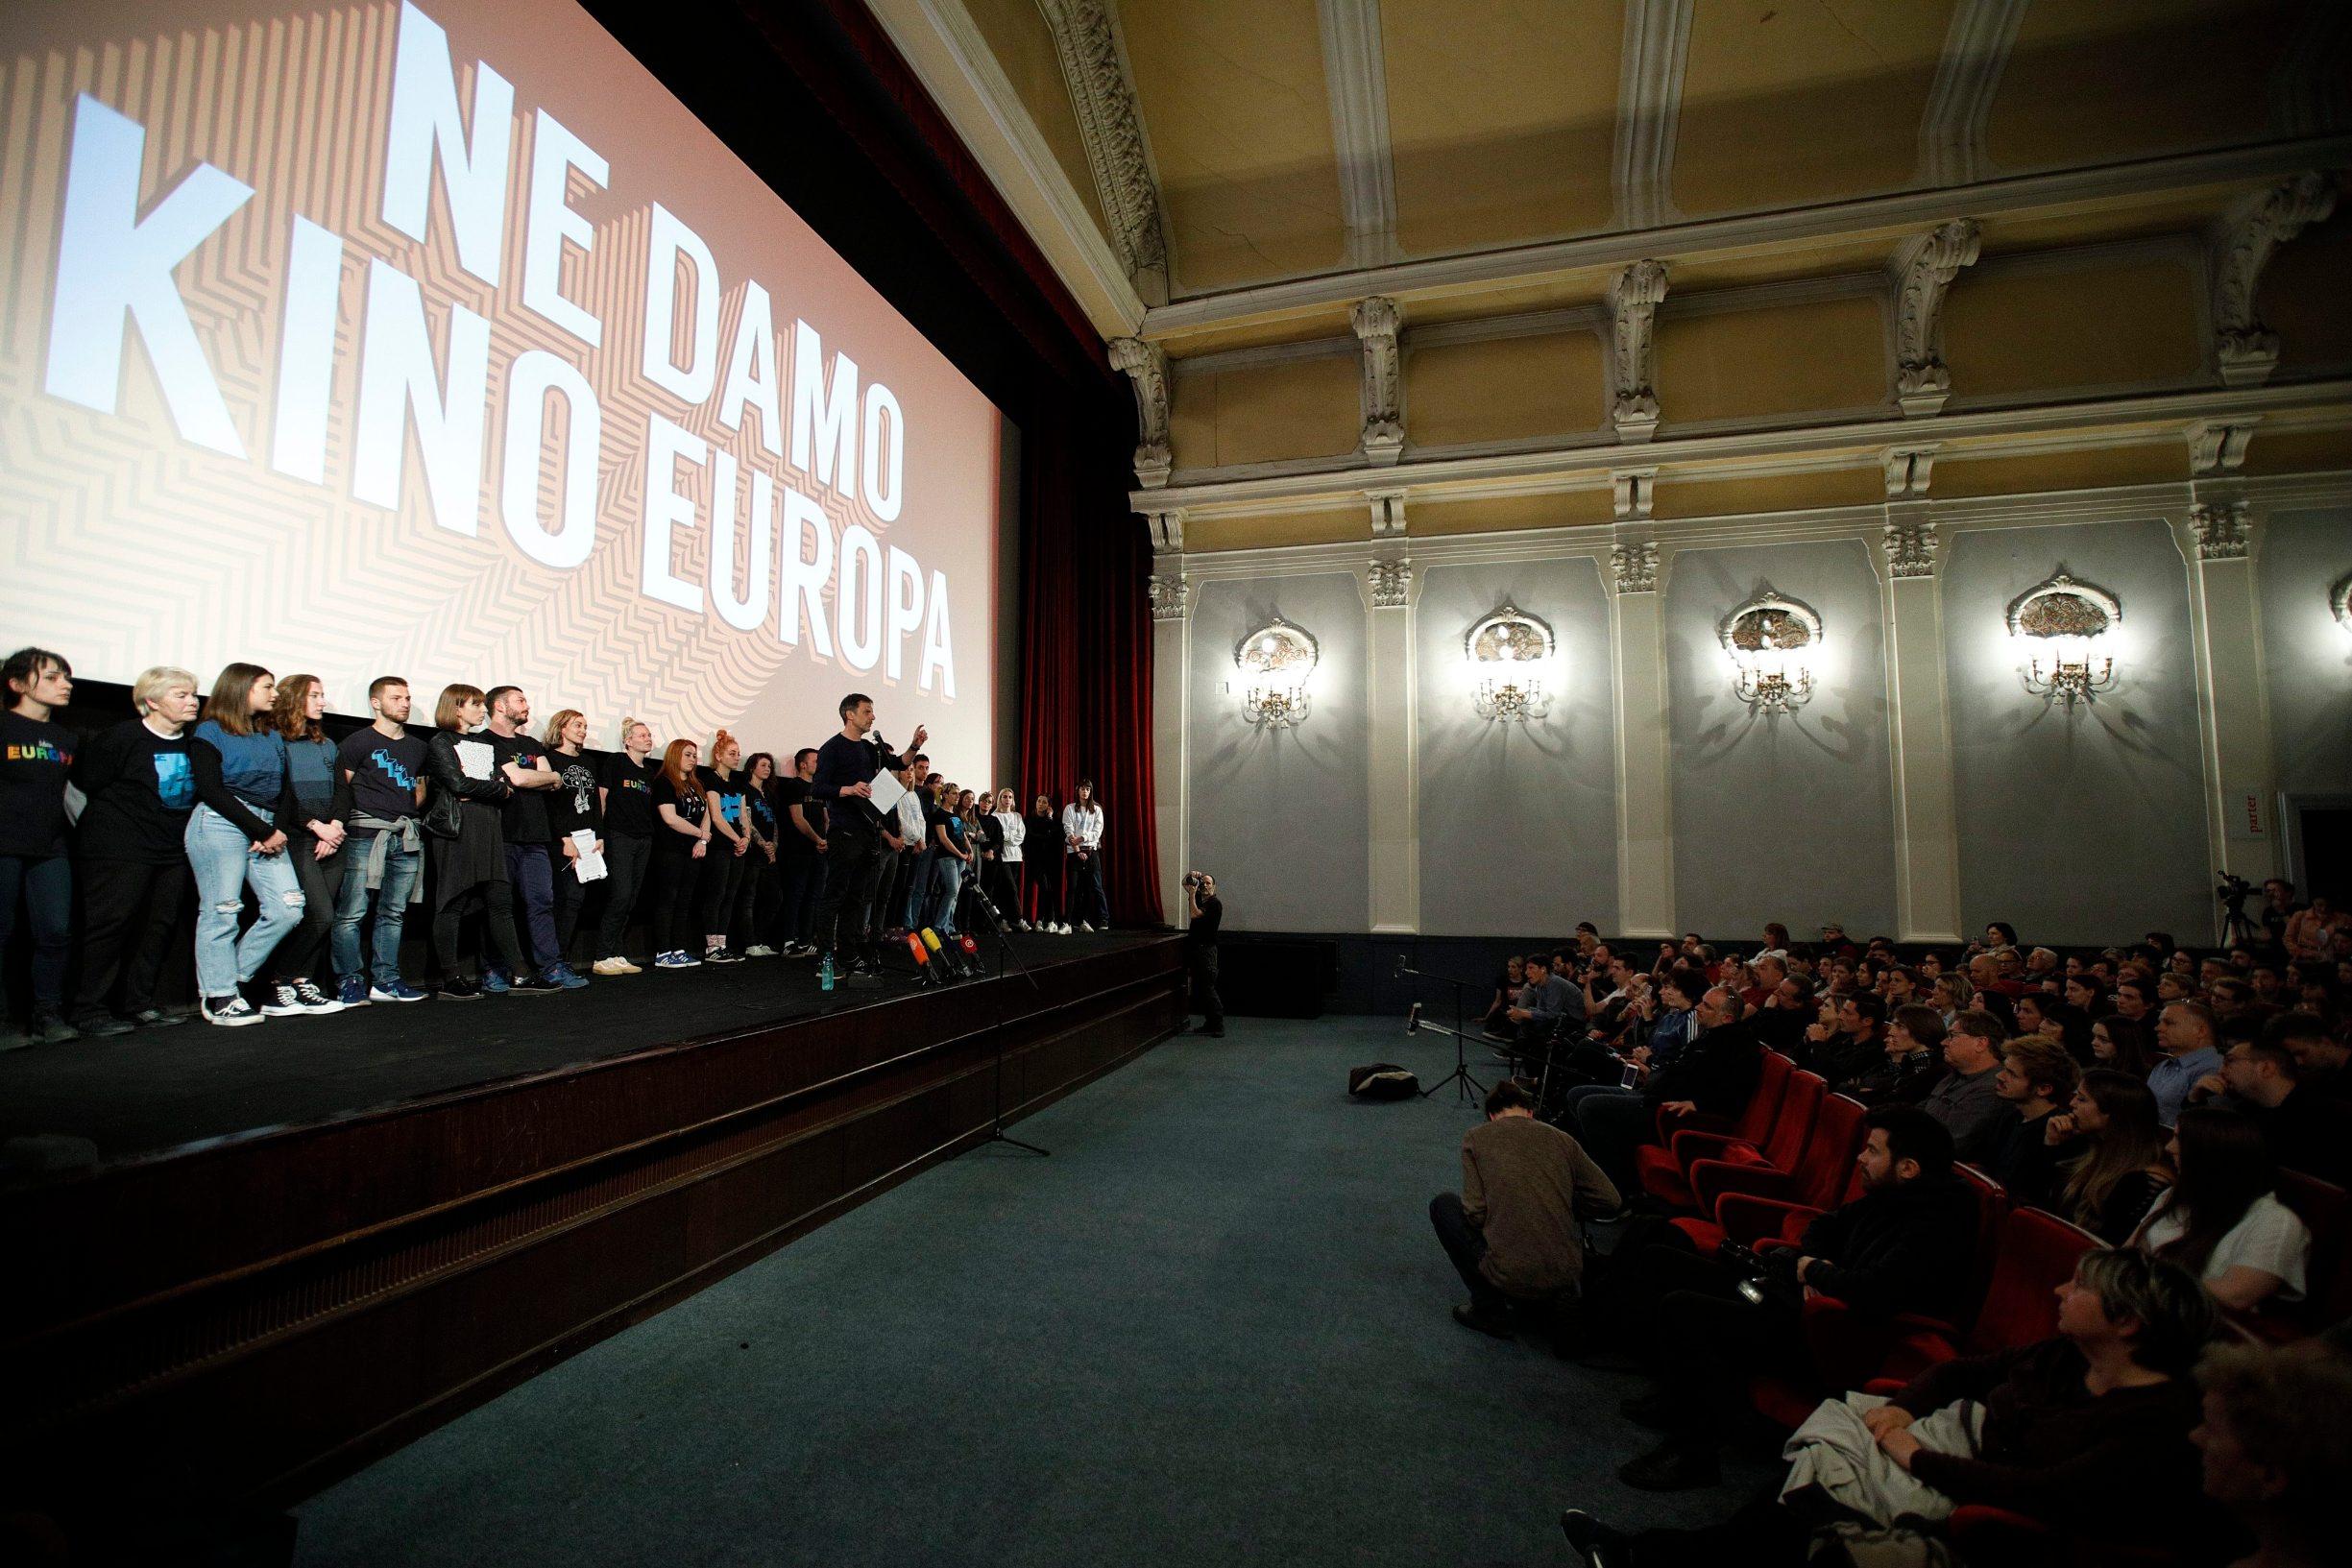 kino_europa8-090419